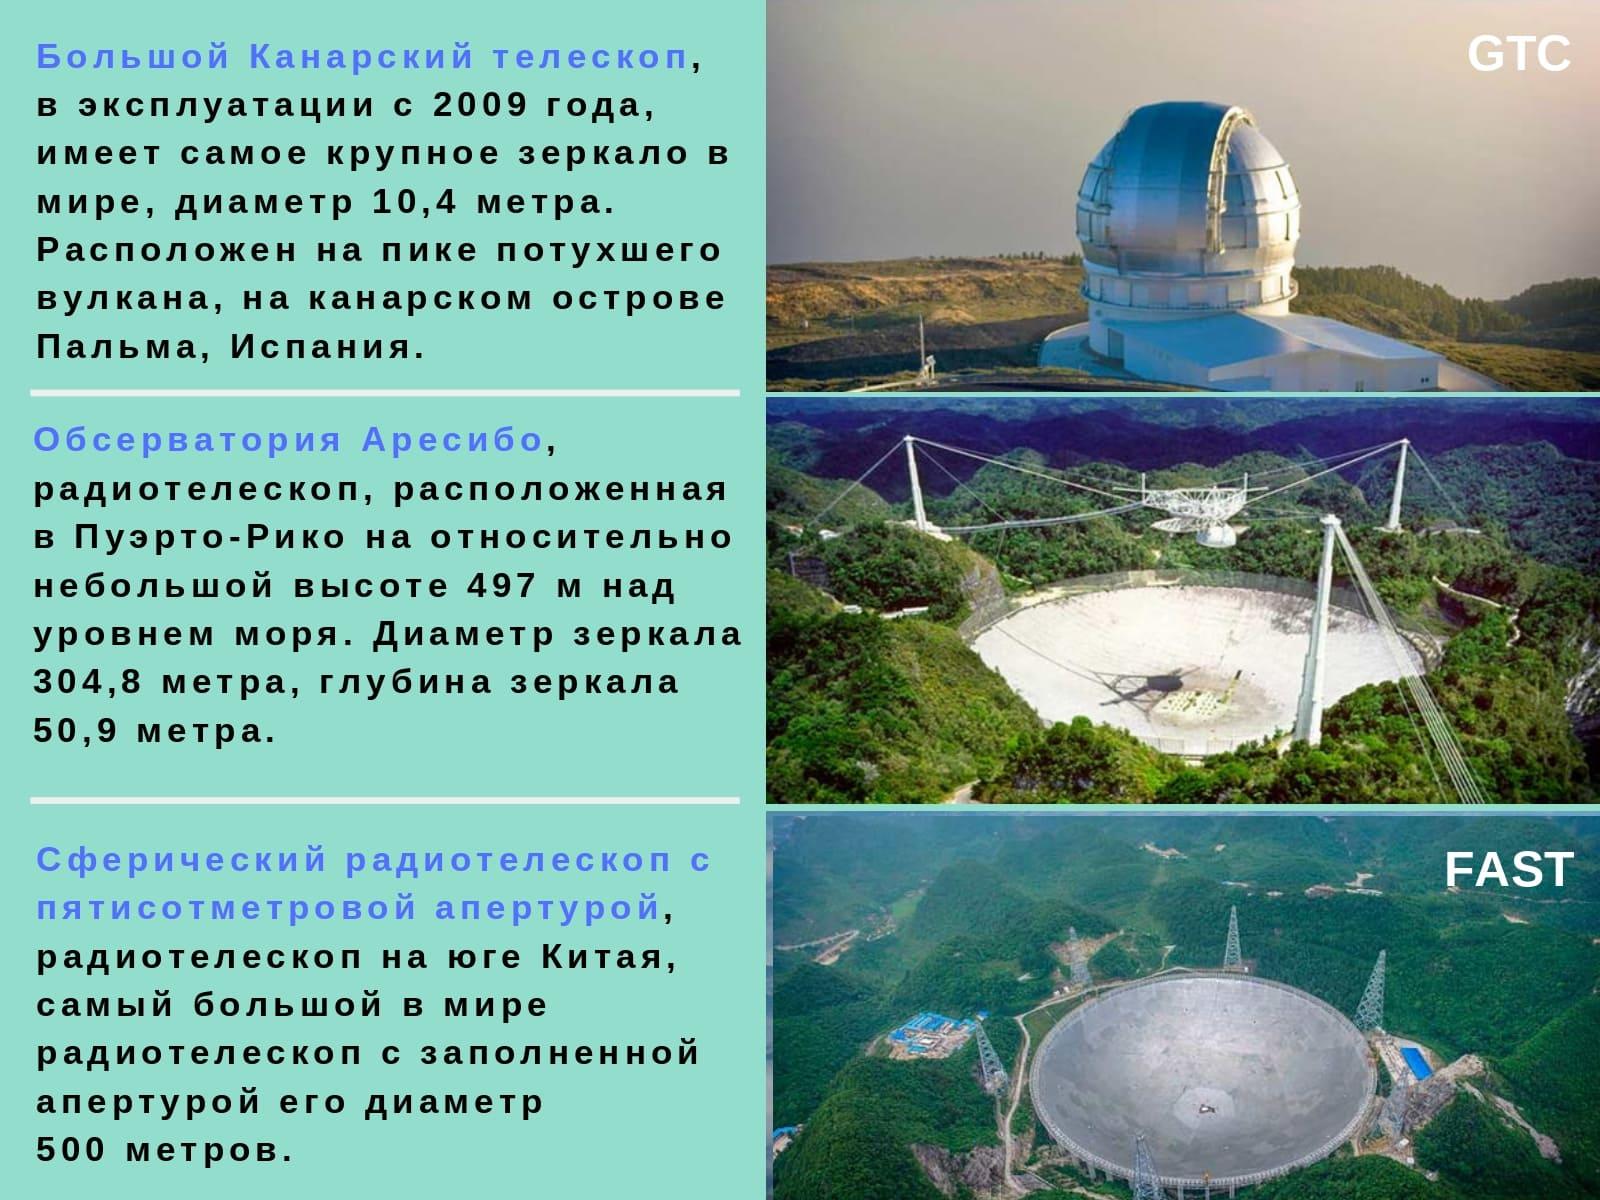 Телескоп GTC / FAST Обсерватория Аресибо